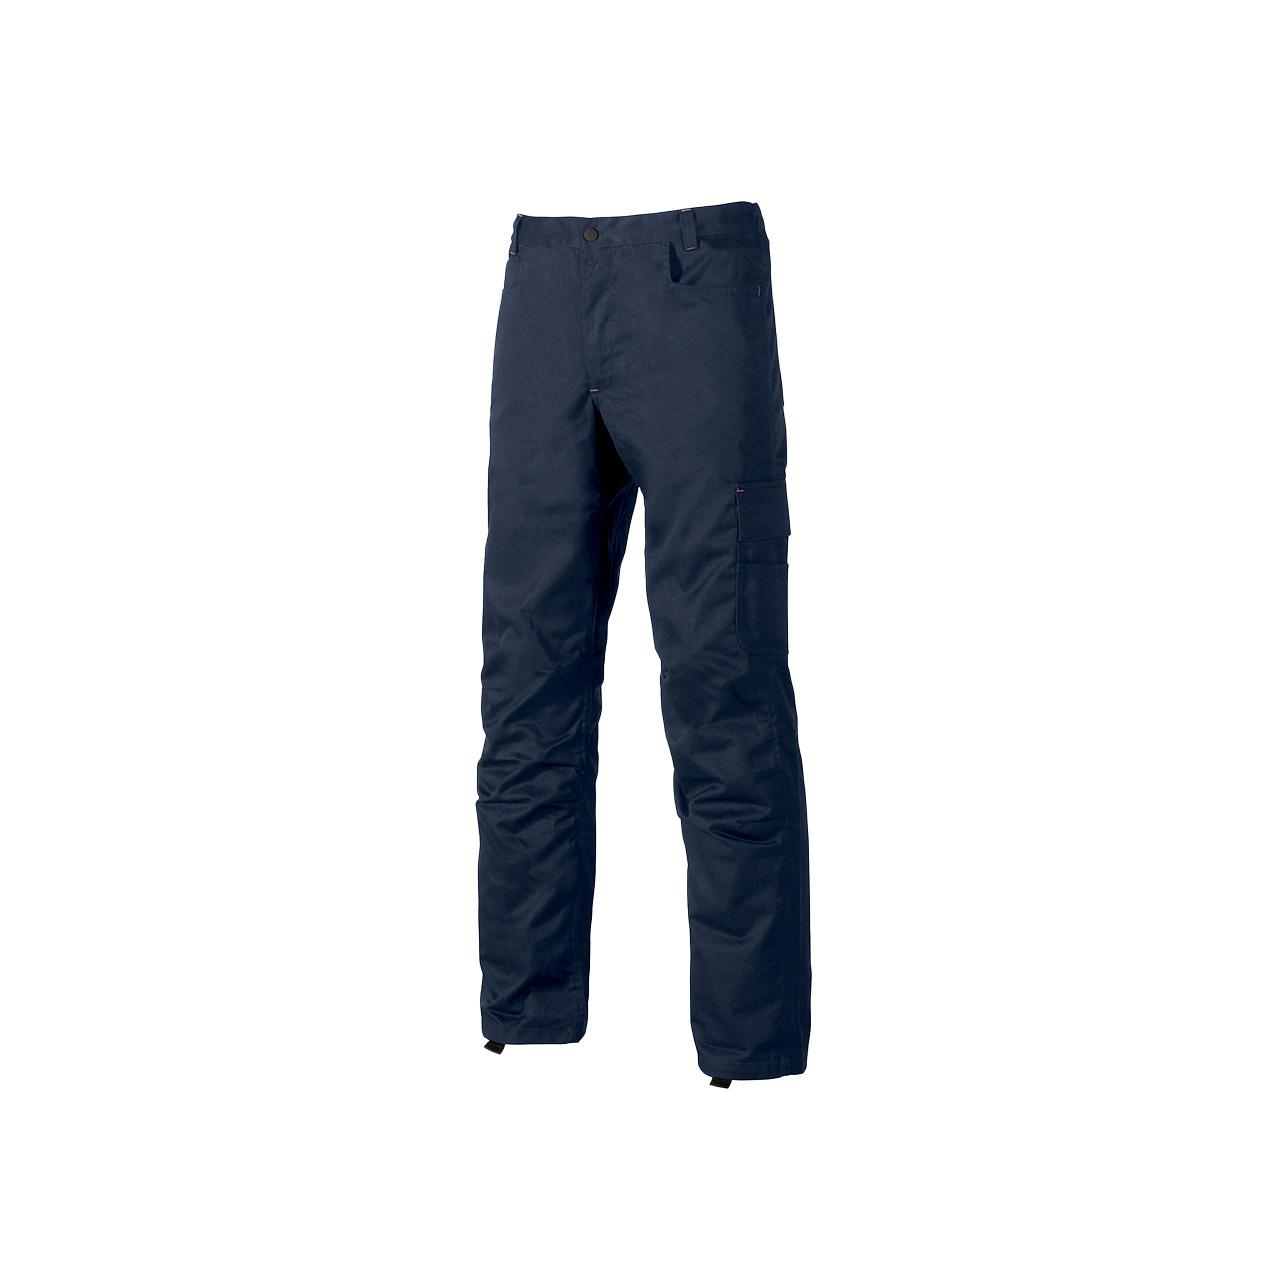 pantalone da lavoro upower modello bravo colore deep bl